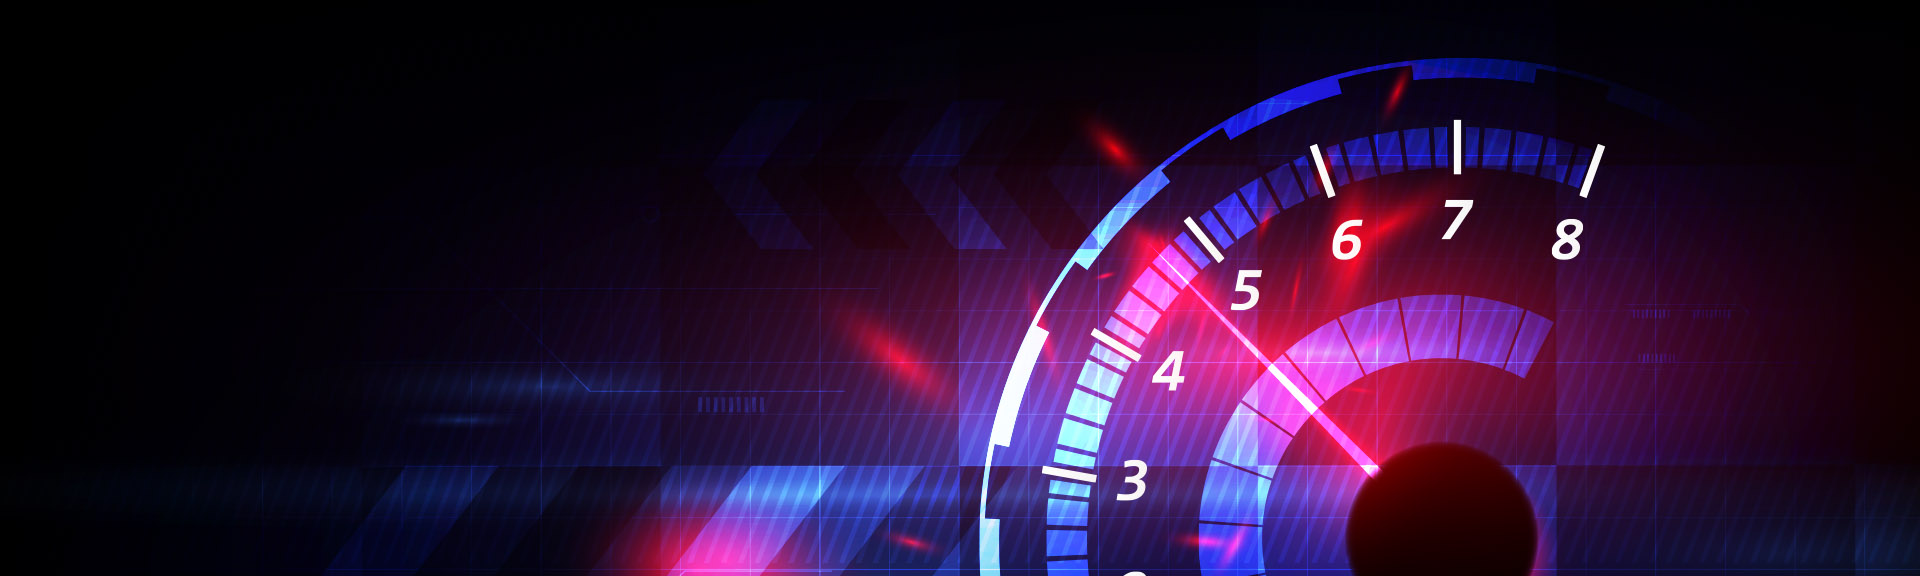 Optimiser la vitesse de chargement de son site web||5 règles à mettre en place pour un site fluide et rapide